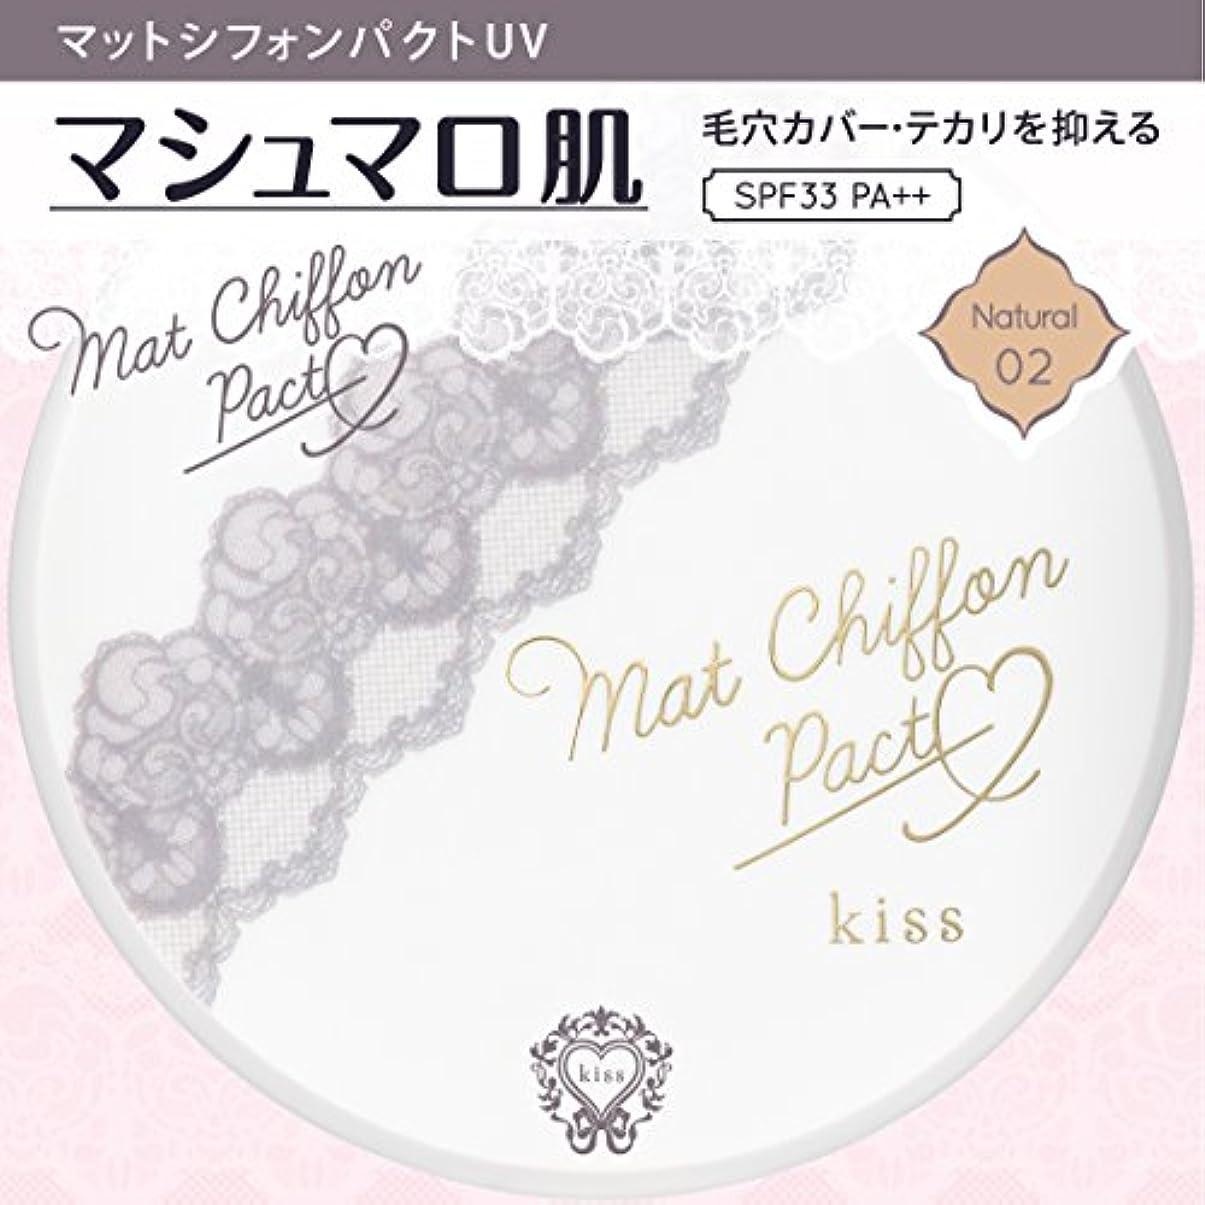 厚くする含意風邪をひくキス マットシフォンパクトUV02 ナチュラル 7g